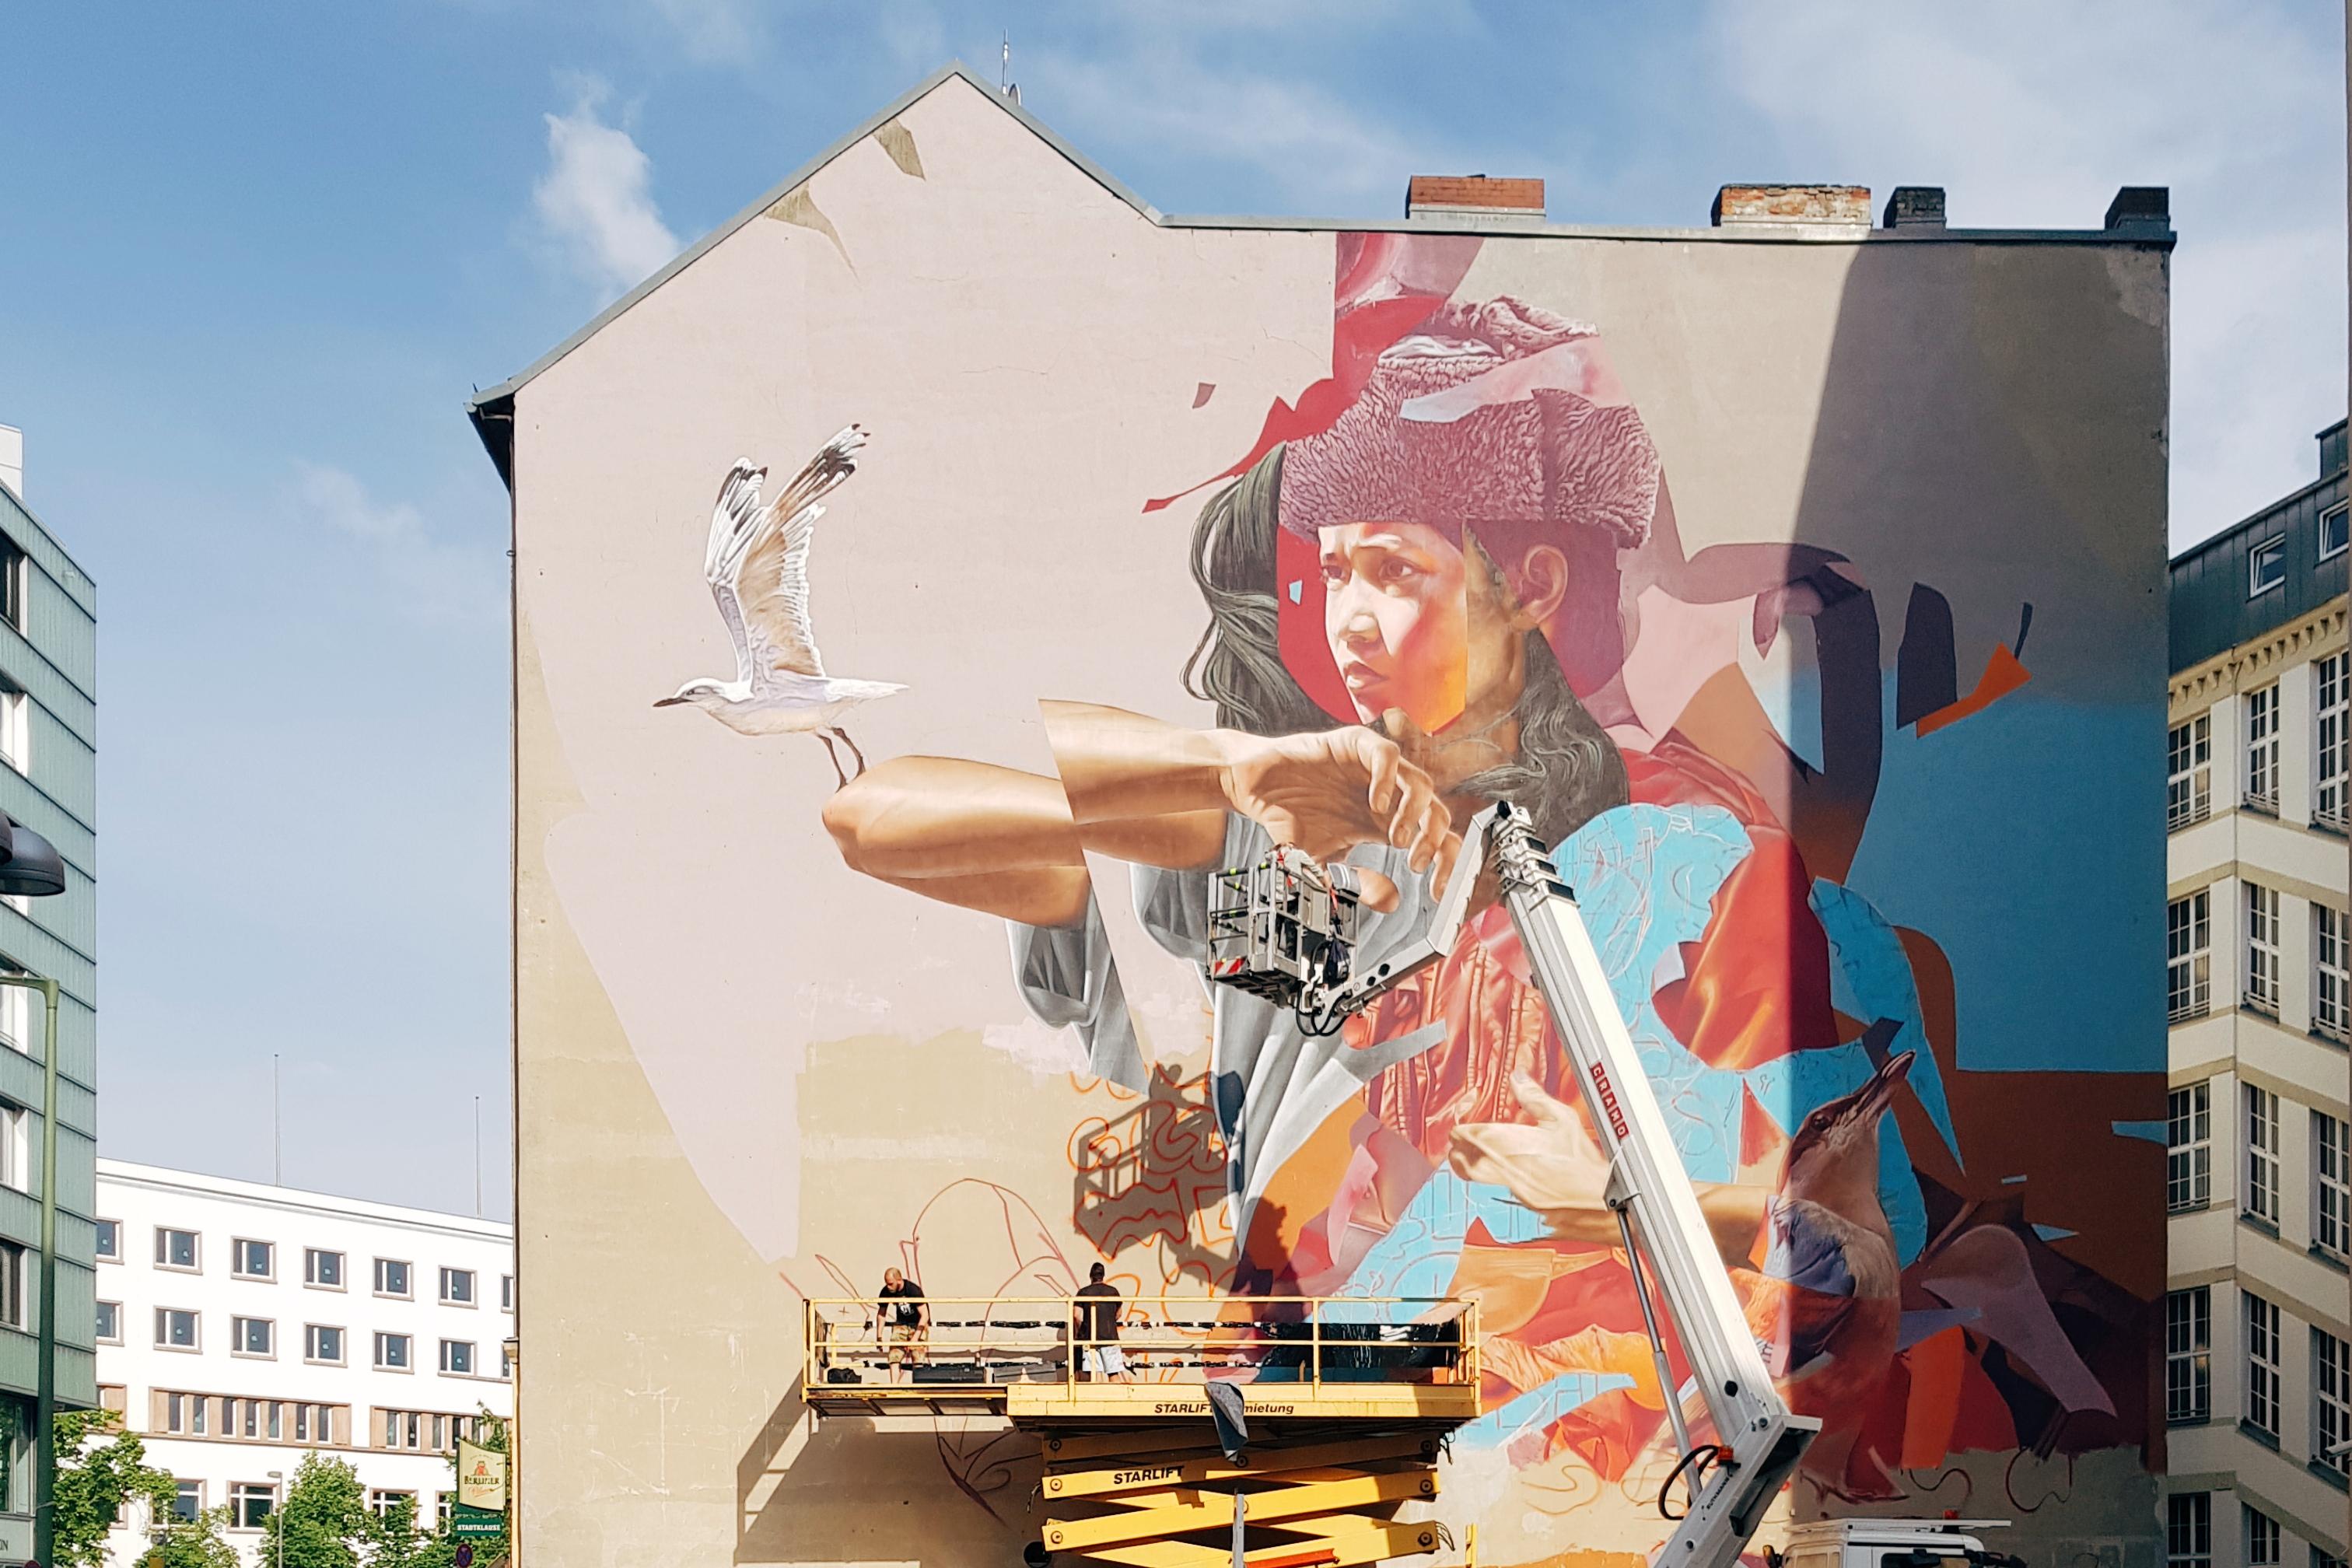 Berlin Got Over 30 Awesome New Street Art Murals